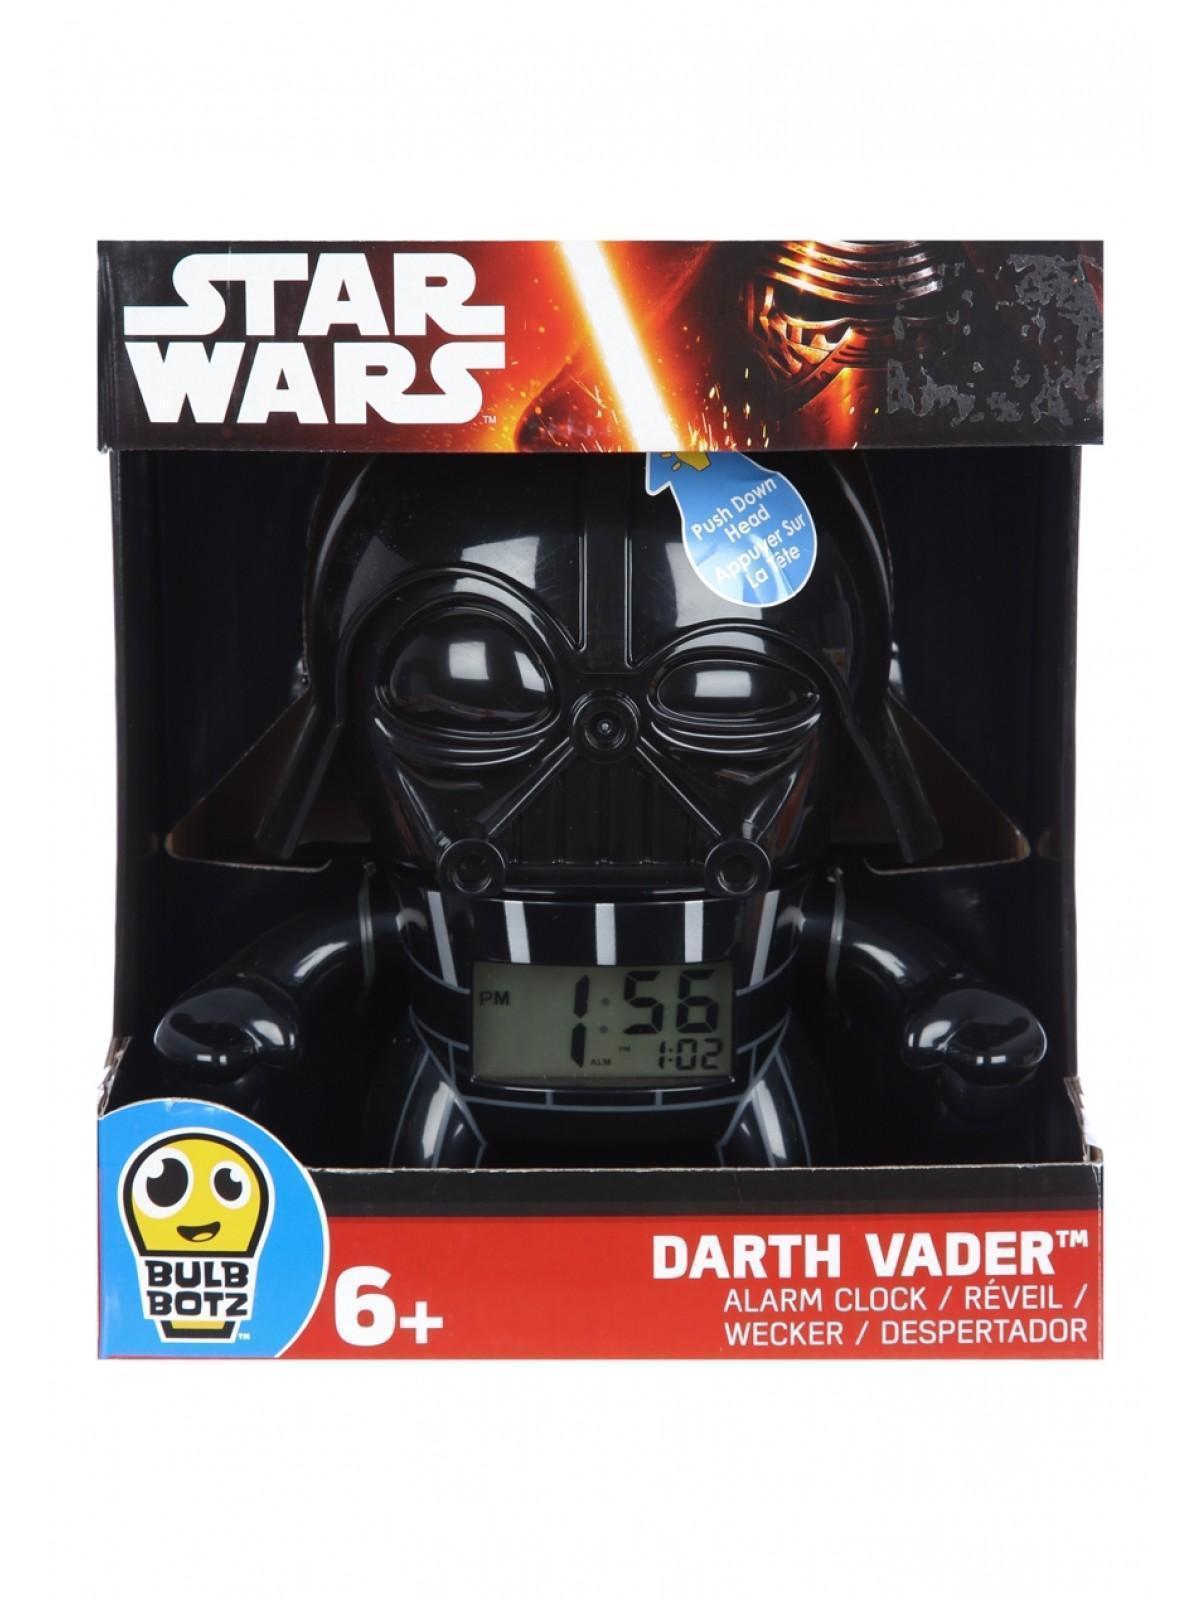 Black Star Wars Clock